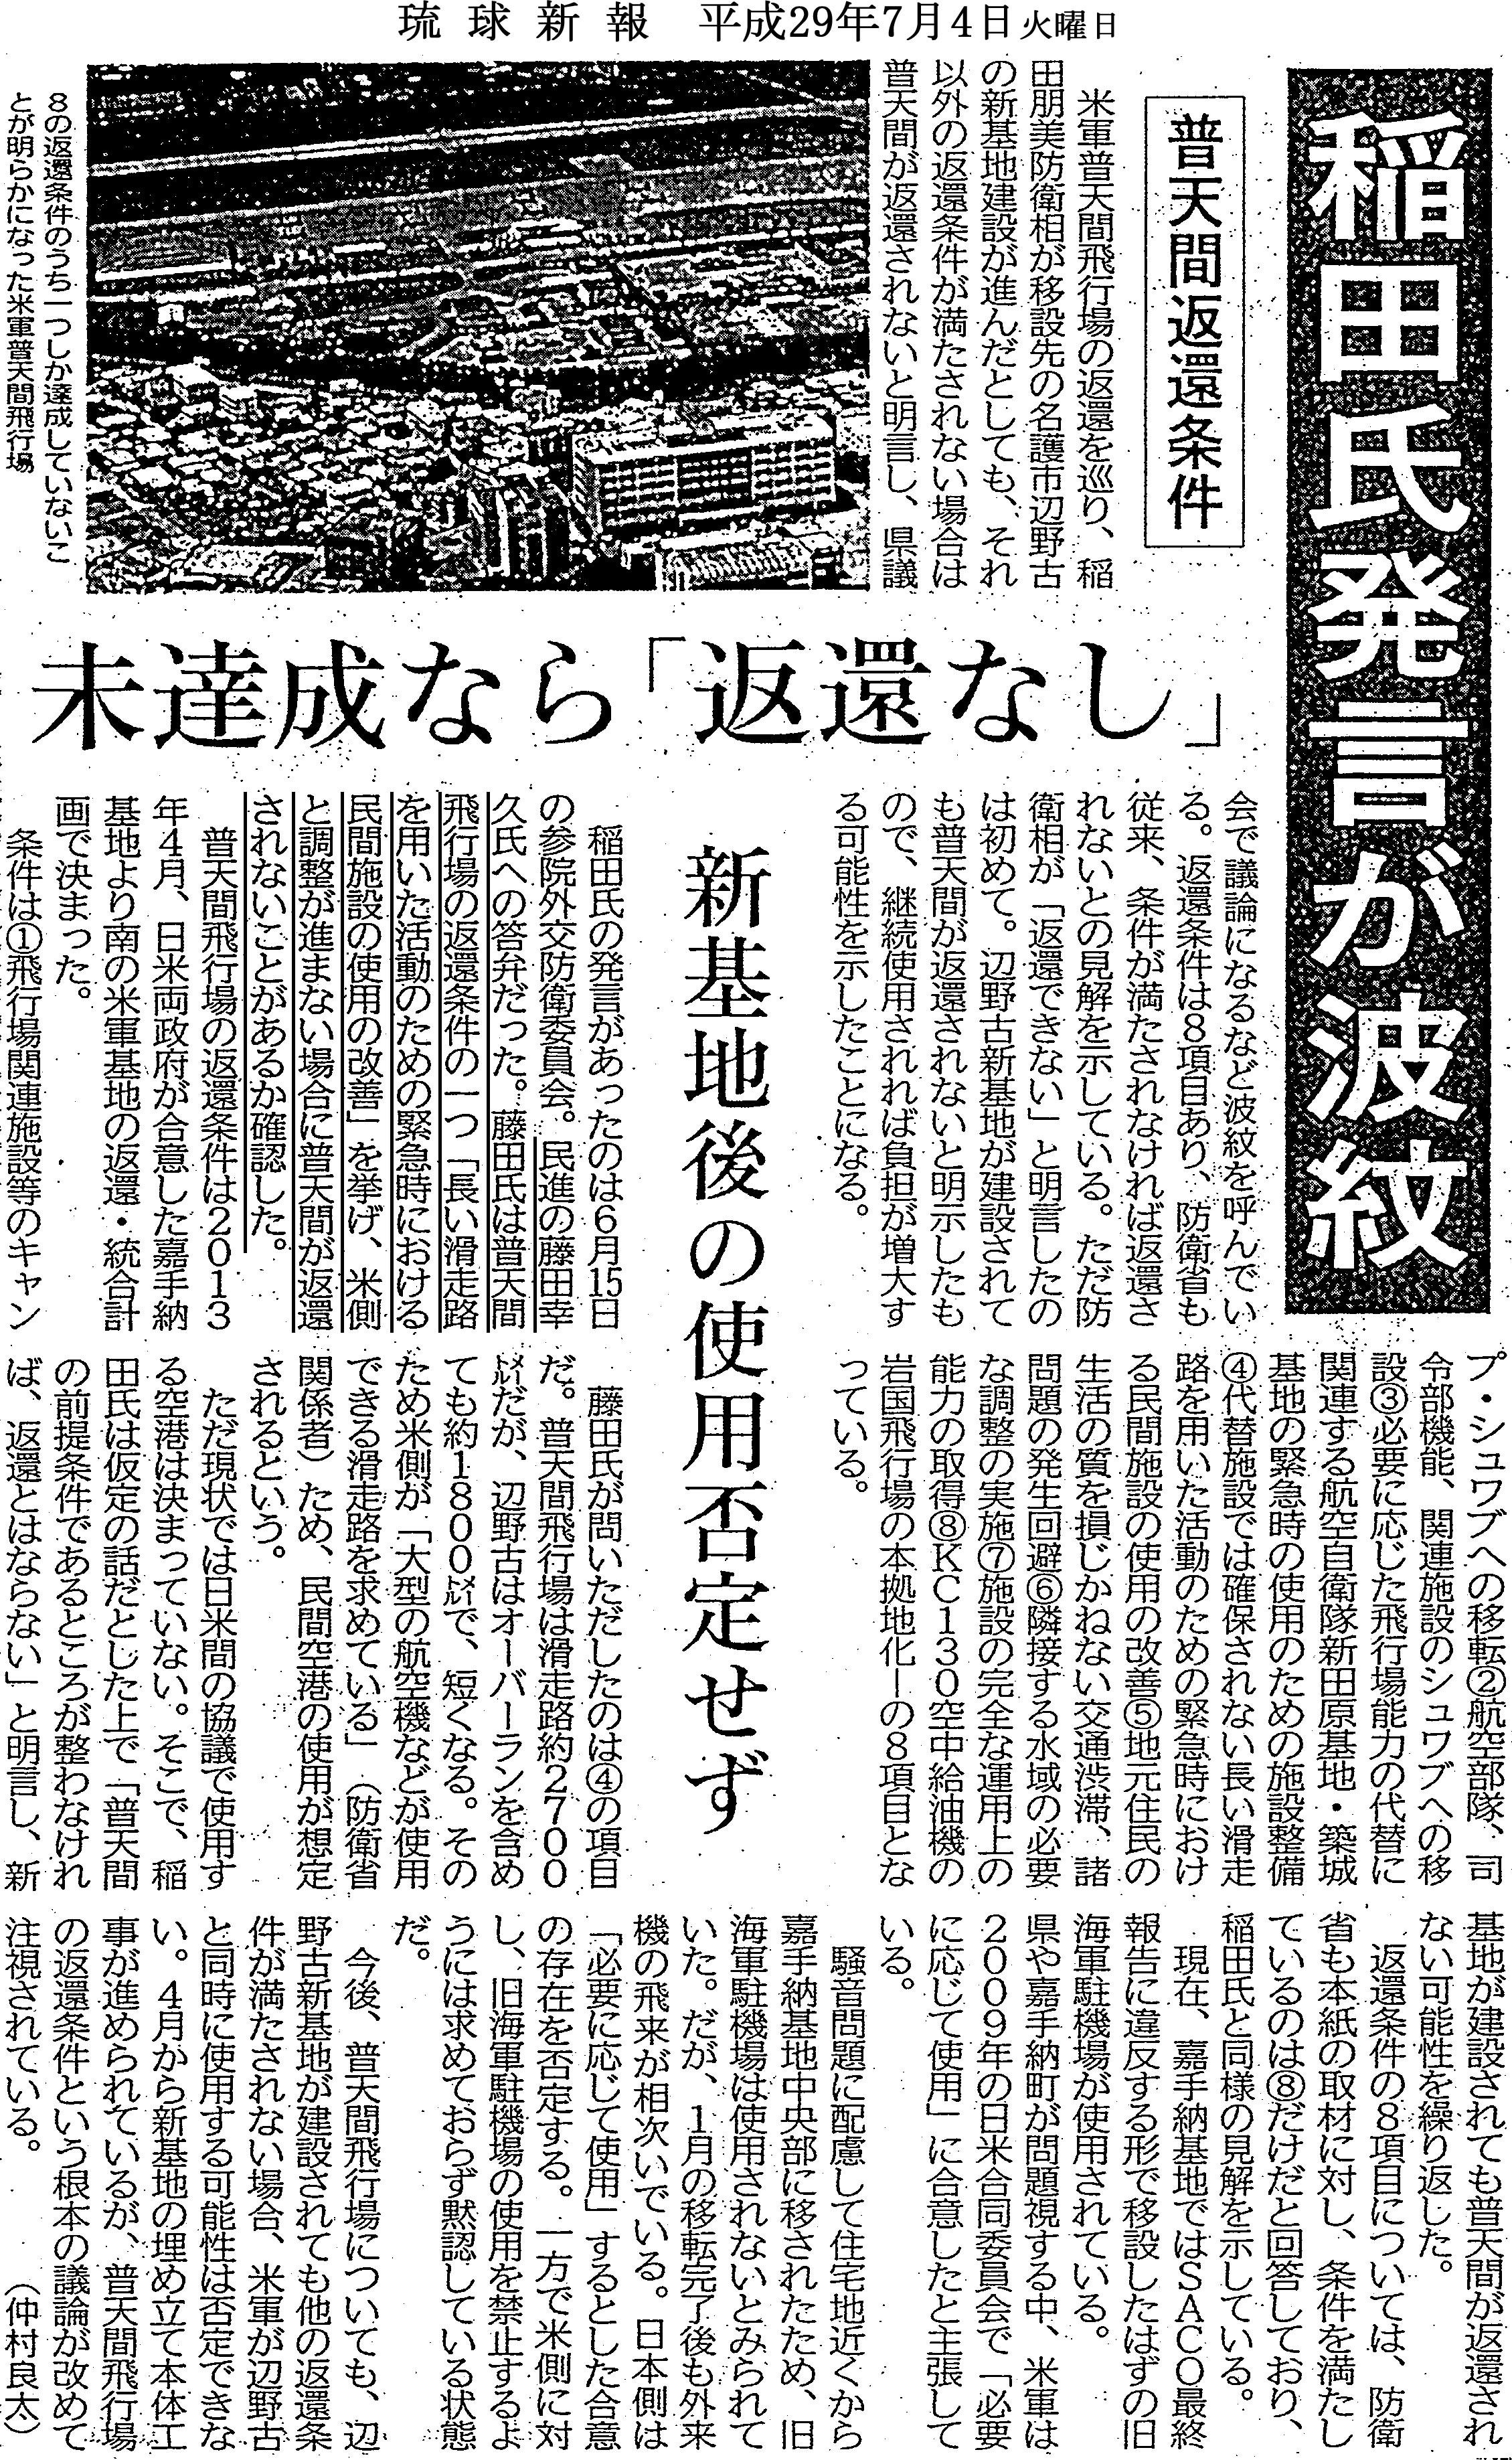 【琉球新報】稲田氏発言が波紋 未達成なら「返還なし」